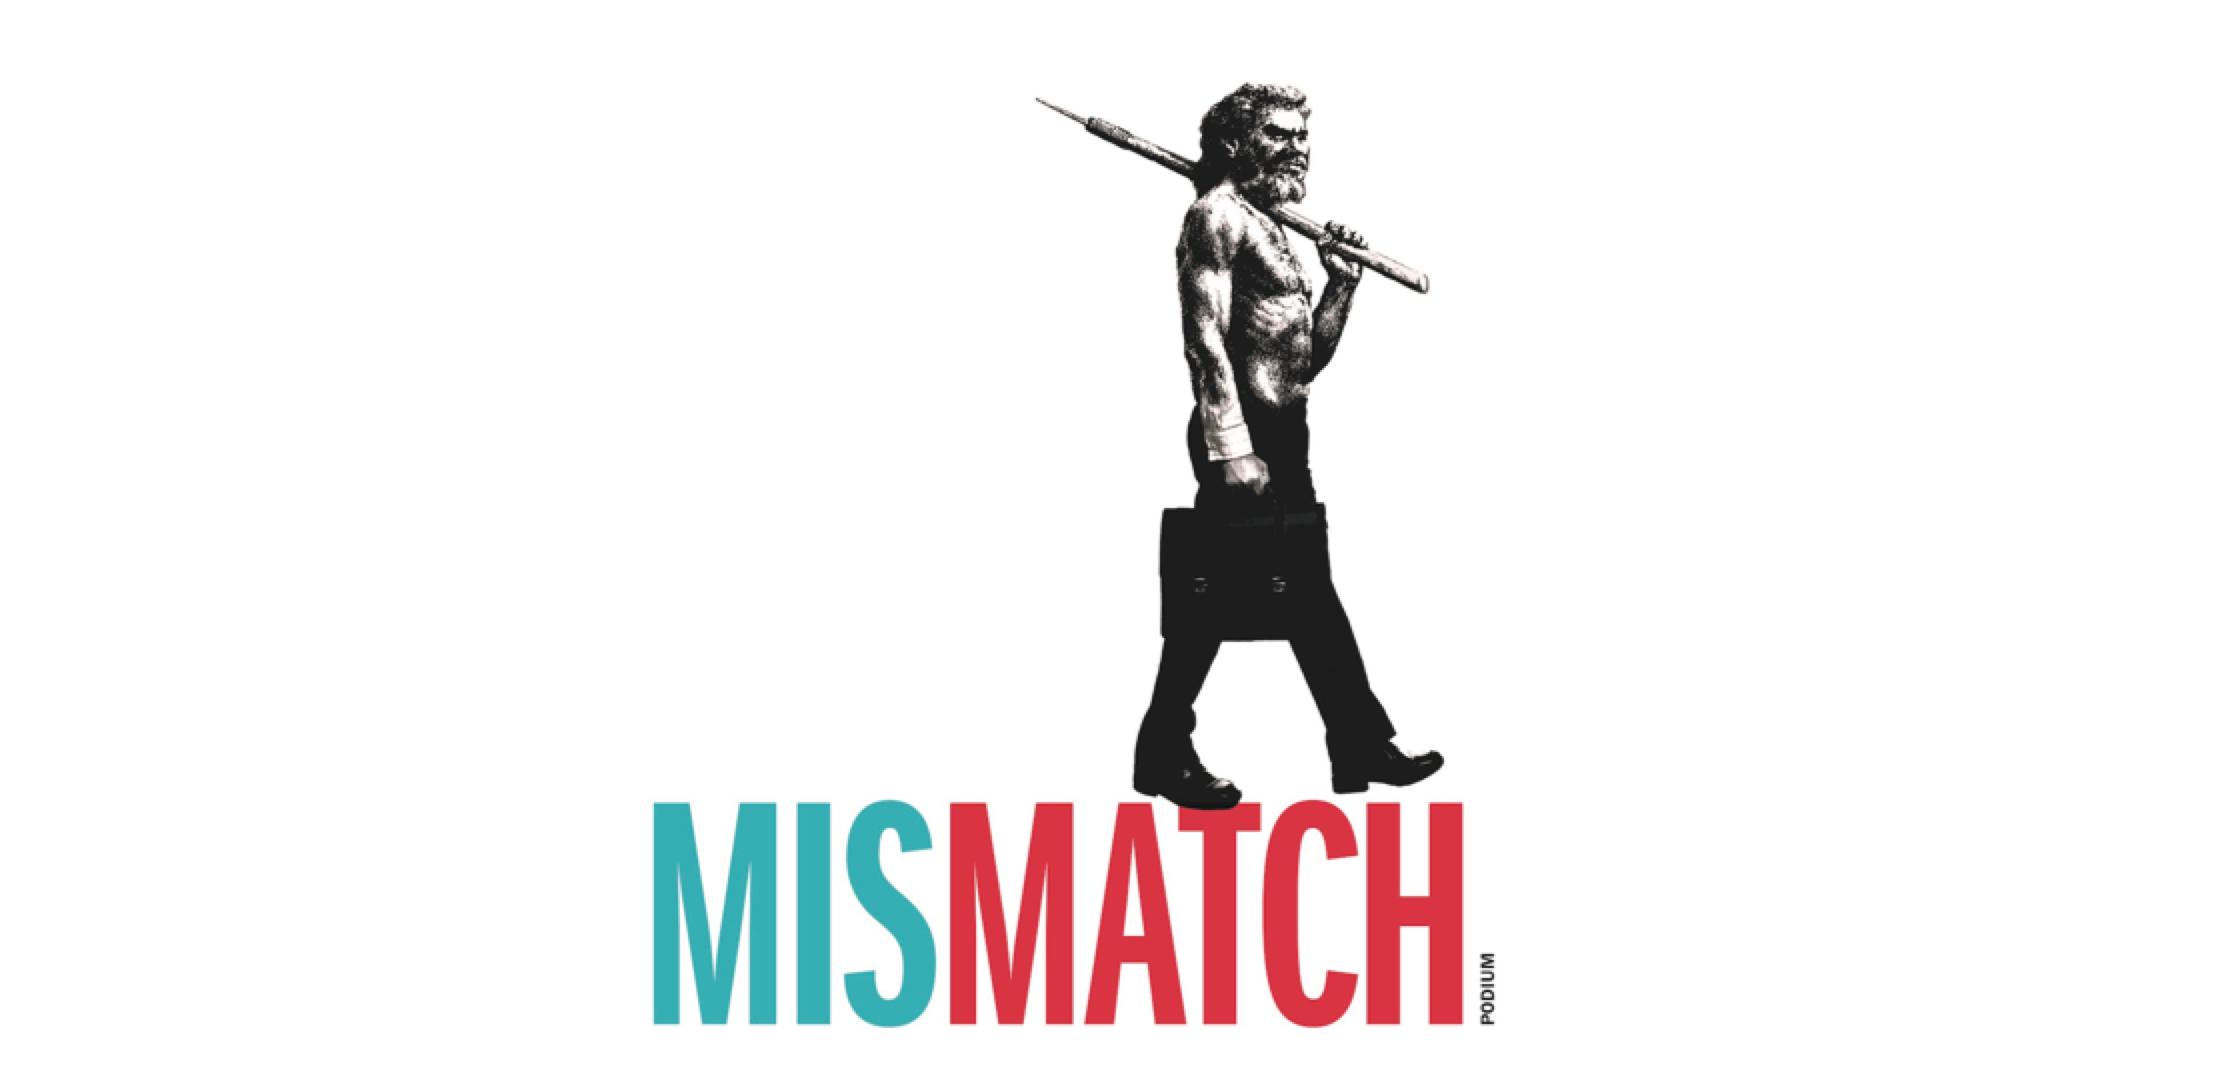 Mismatch: An Interview with Mark van Vugt